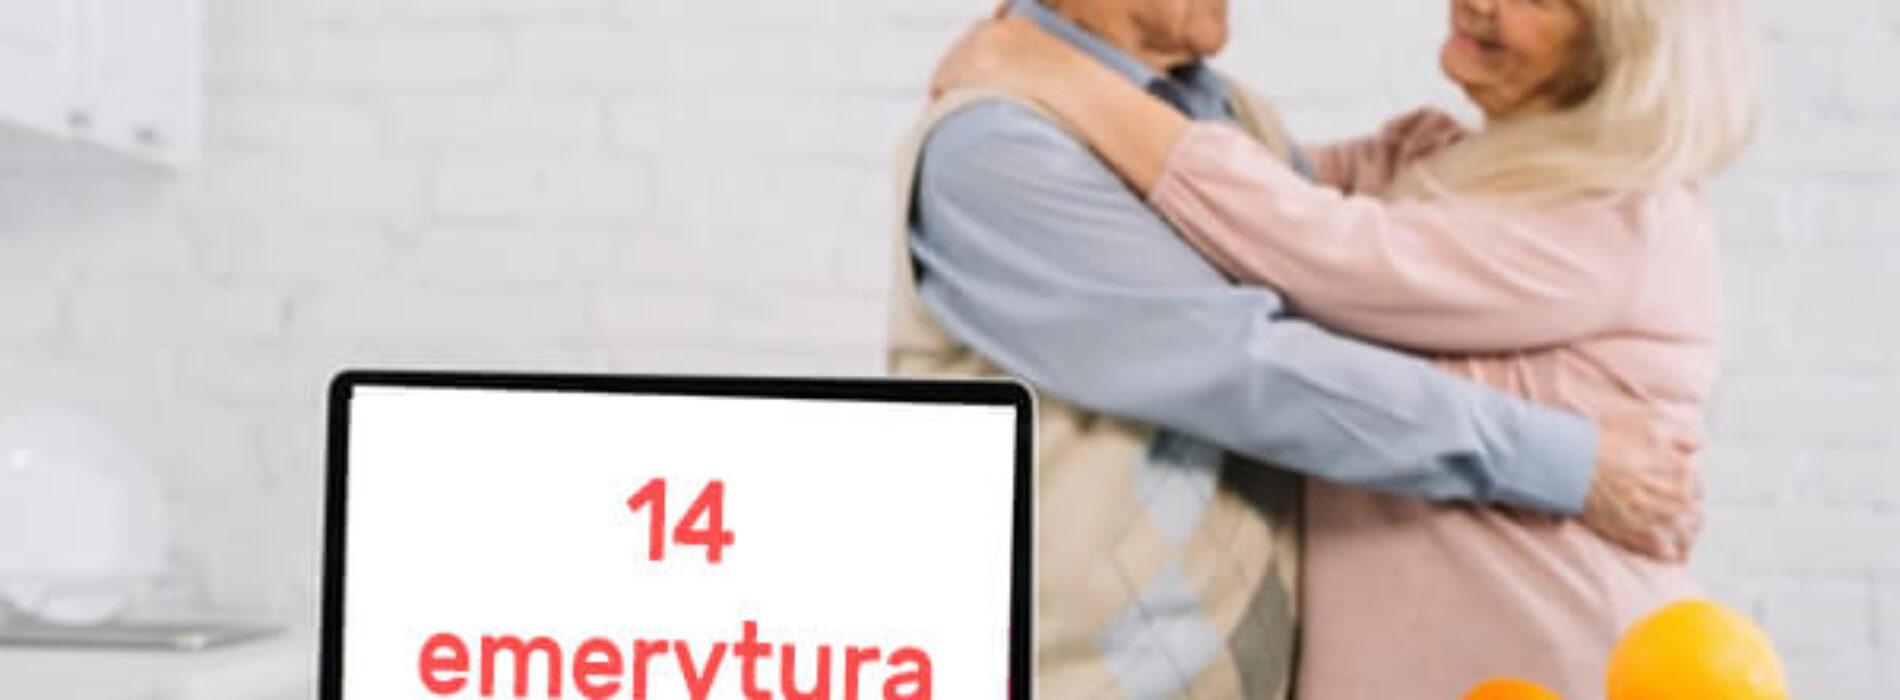 Komu przysługuje 14 emerytura? Ile wyniesie w 2021 roku?